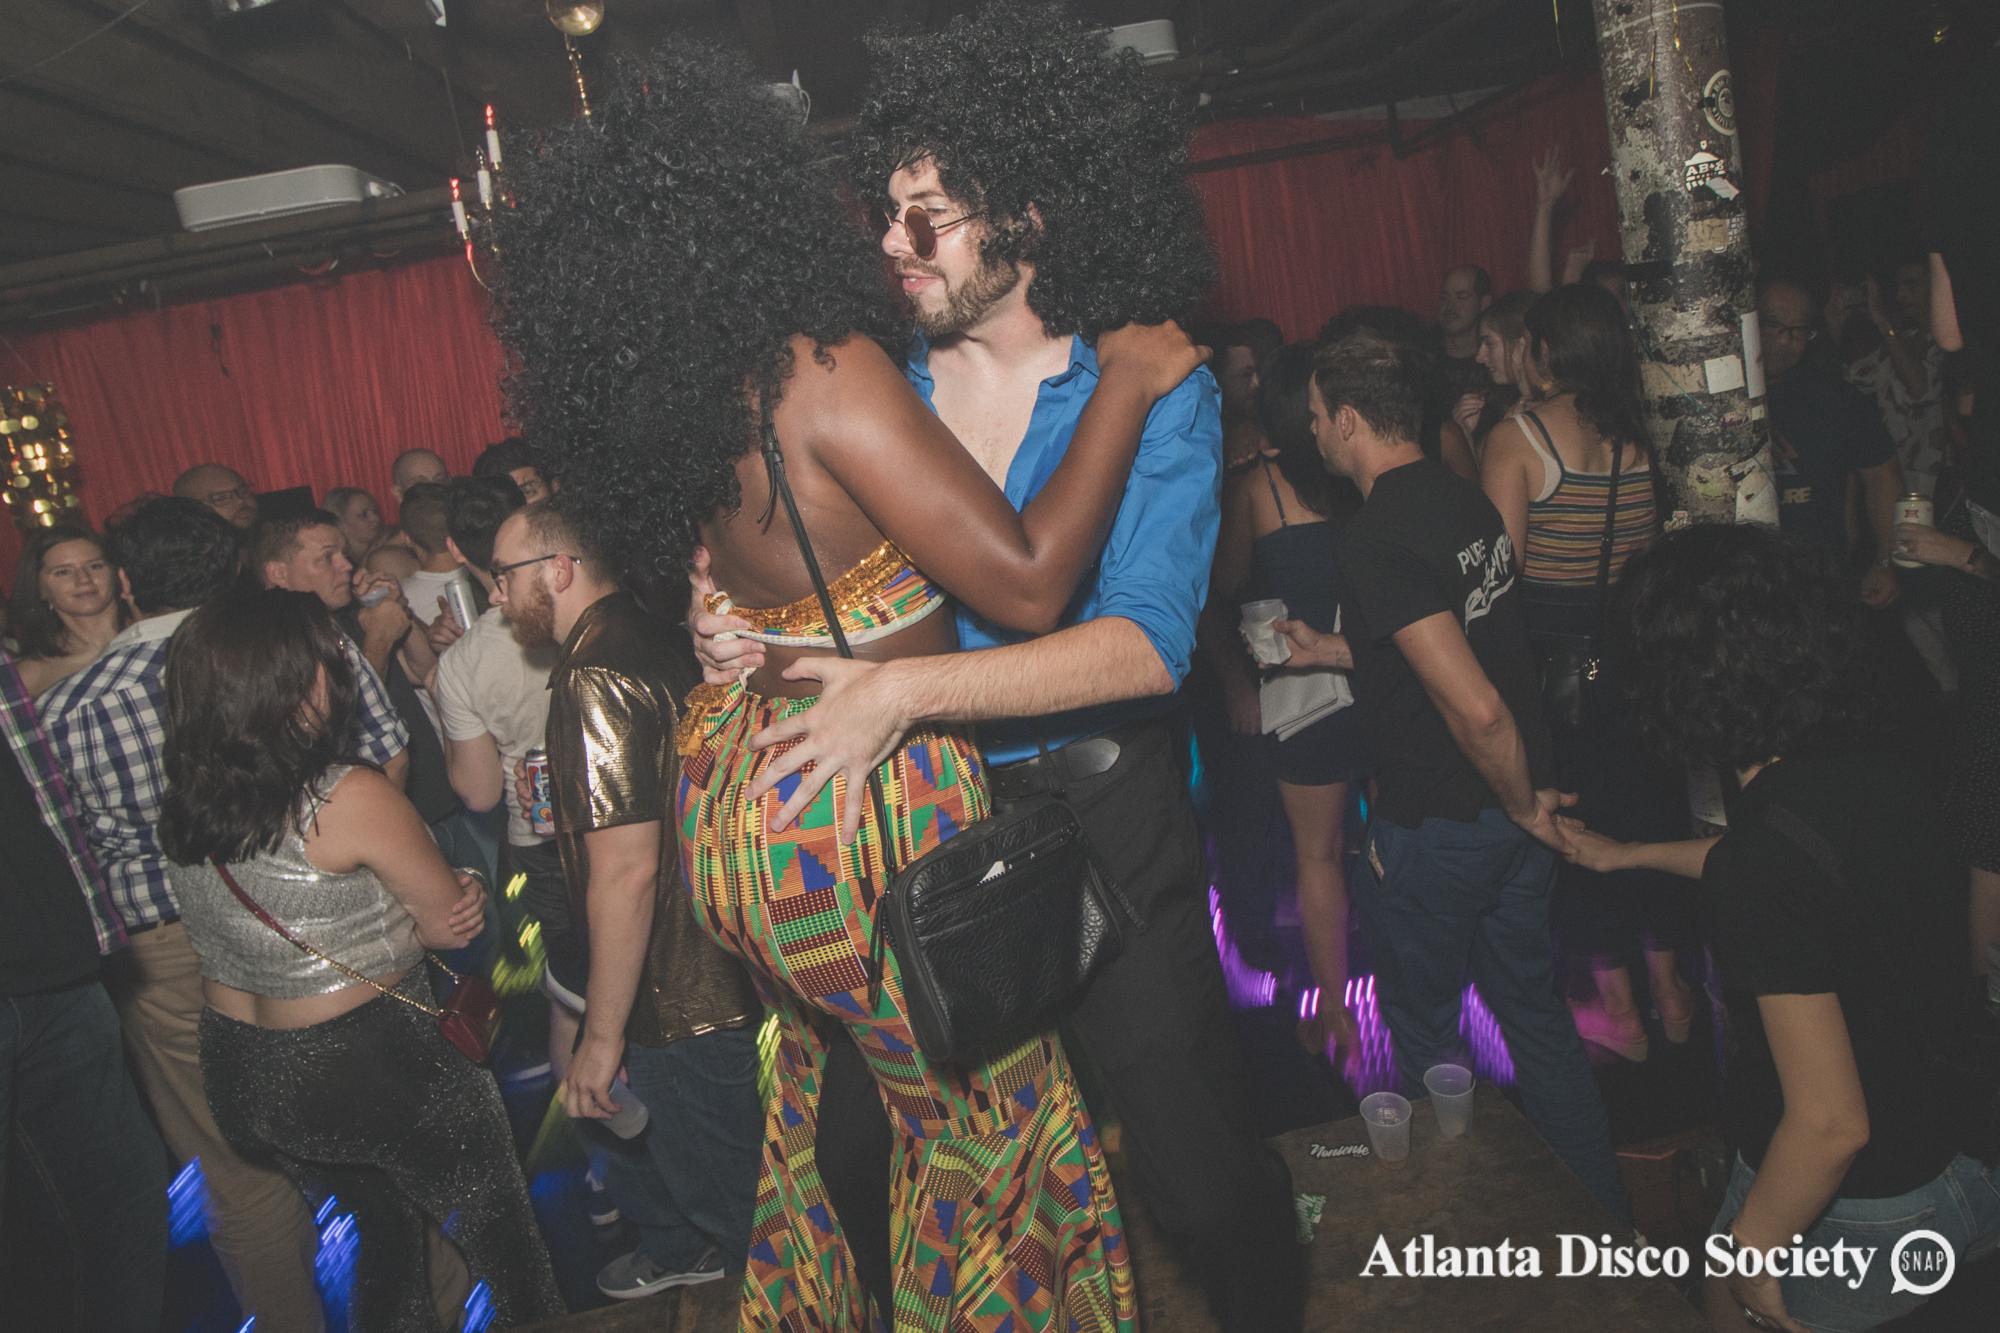 51Atlanta Disco Society Grace Kelly Oh Snap Kid 7.27.19.jpg